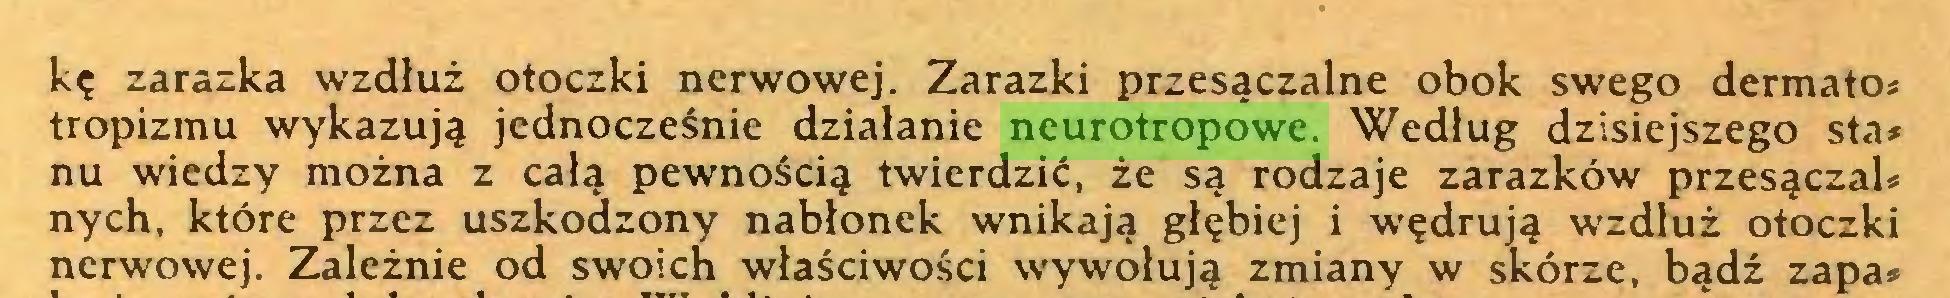 (...) kę zarazka wzdłuż otoczki nerwowej. Zarazki przesączalne obok swego dermato* tropizmu wykazują jednocześnie działanie neurotropowe. Według dzisiejszego sta* nu wiedzy można z całą pewnością twierdzić, że są rodzaje zarazków przesączał* nych, które przez uszkodzony nabłonek wnikają głębiej i wędrują wzdłuż otoczki nerwowej. Zależnie od swoich właściwości wywołują zmiany w skórze, bądź zapa*...